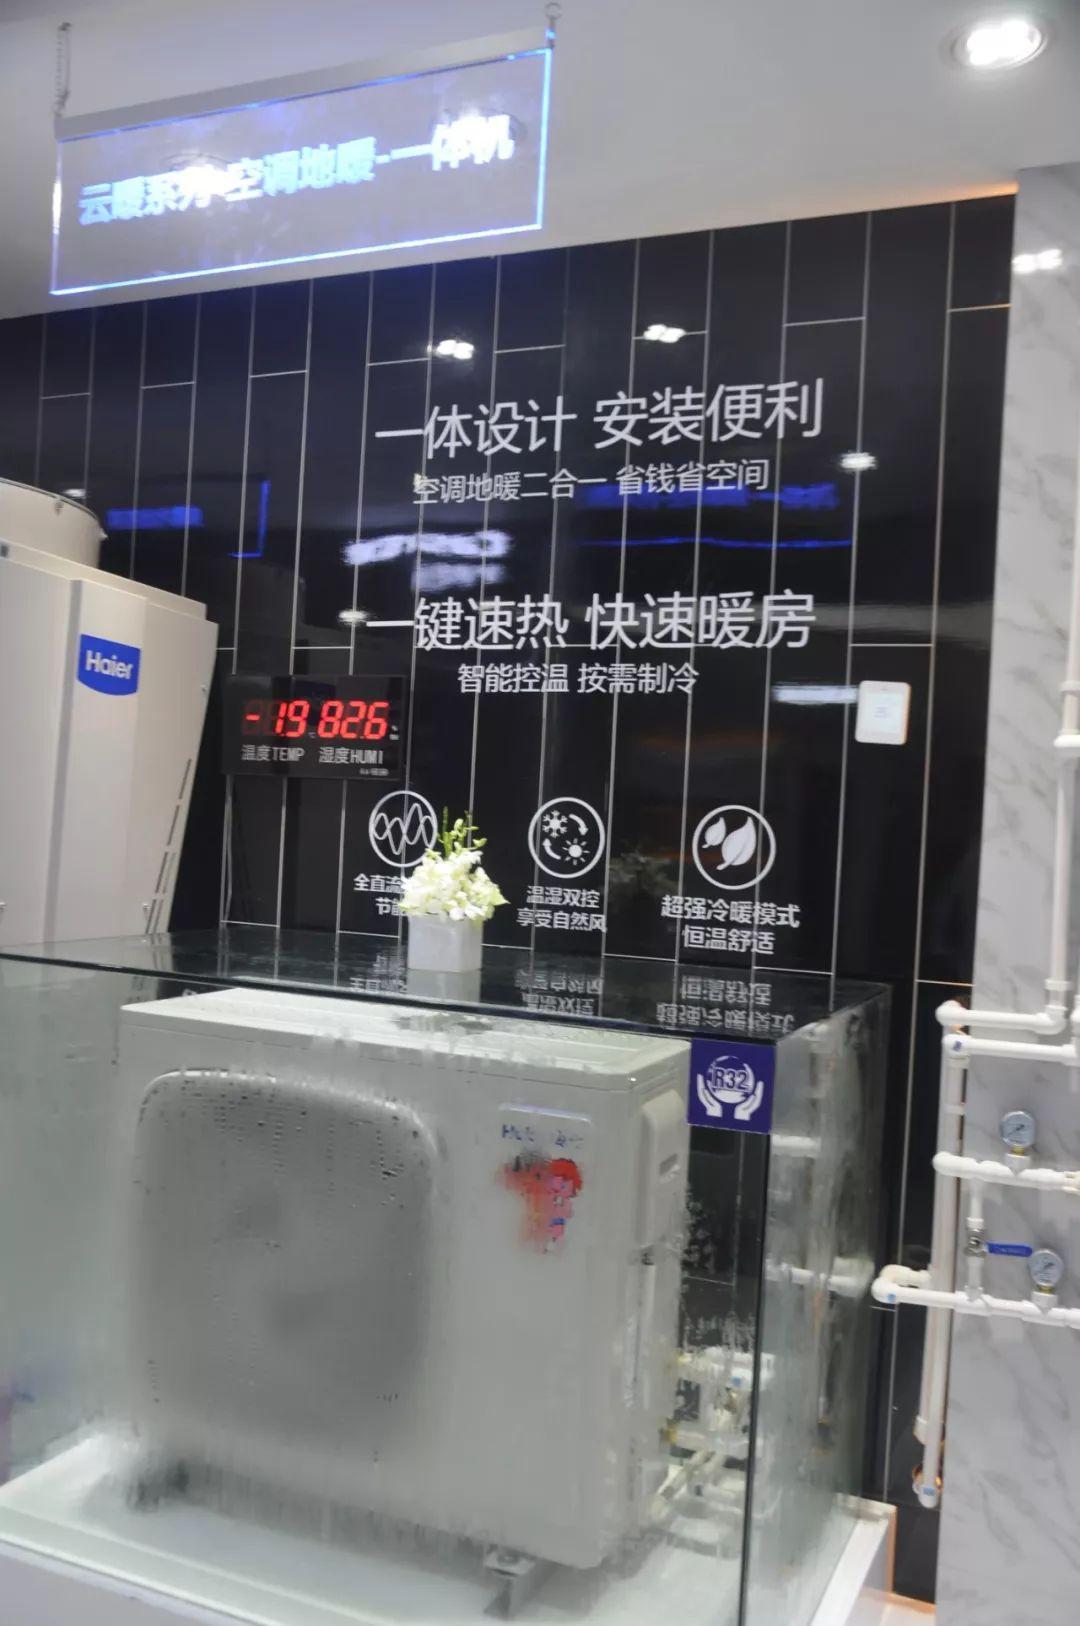 海尔中央空调 把握时代脉搏 让世界看见中国智造